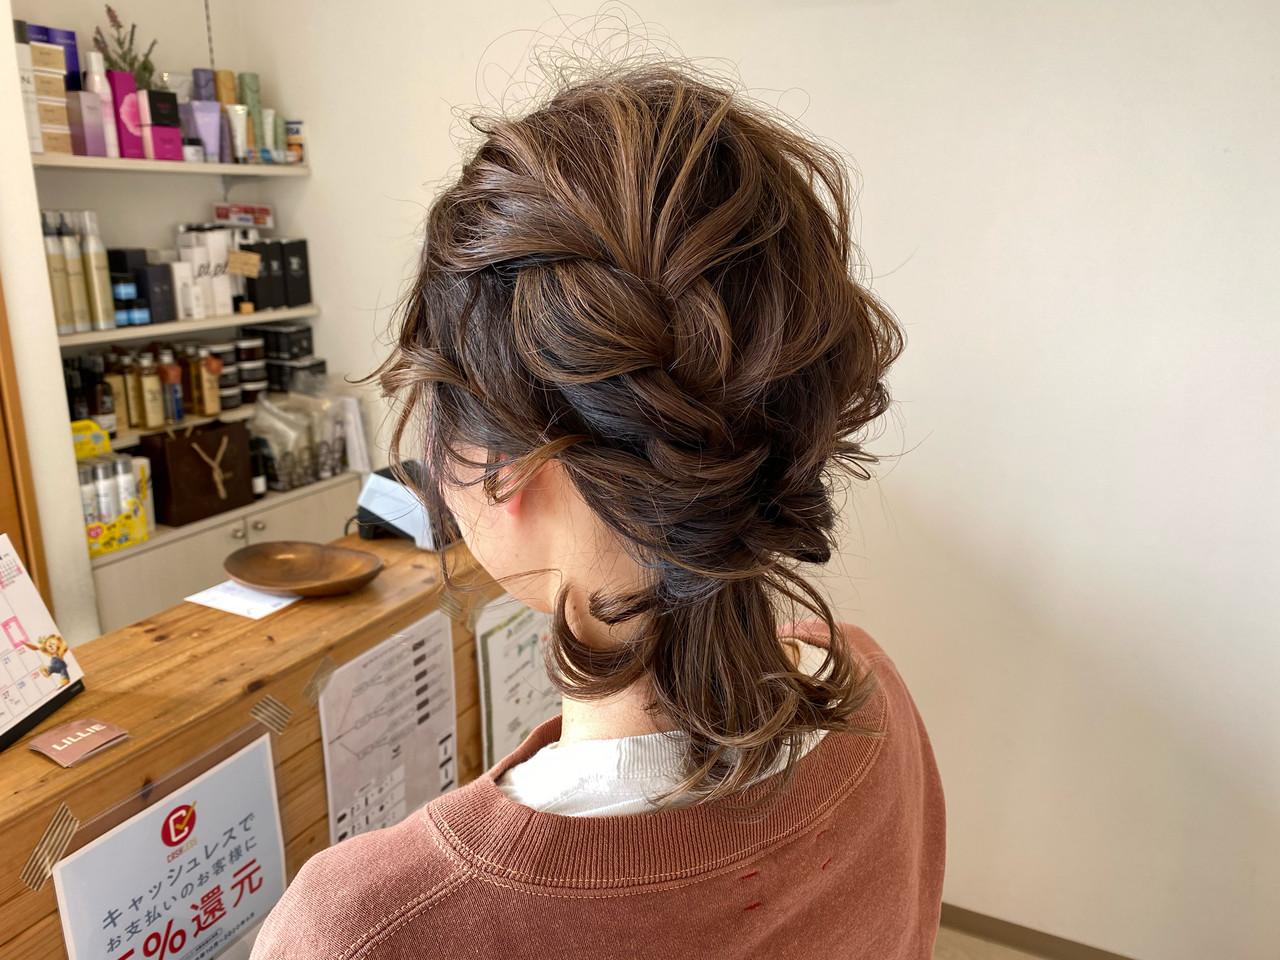 結婚式 編み込みヘア ウルフカット 編みおろしヘア ヘアスタイルや髪型の写真・画像